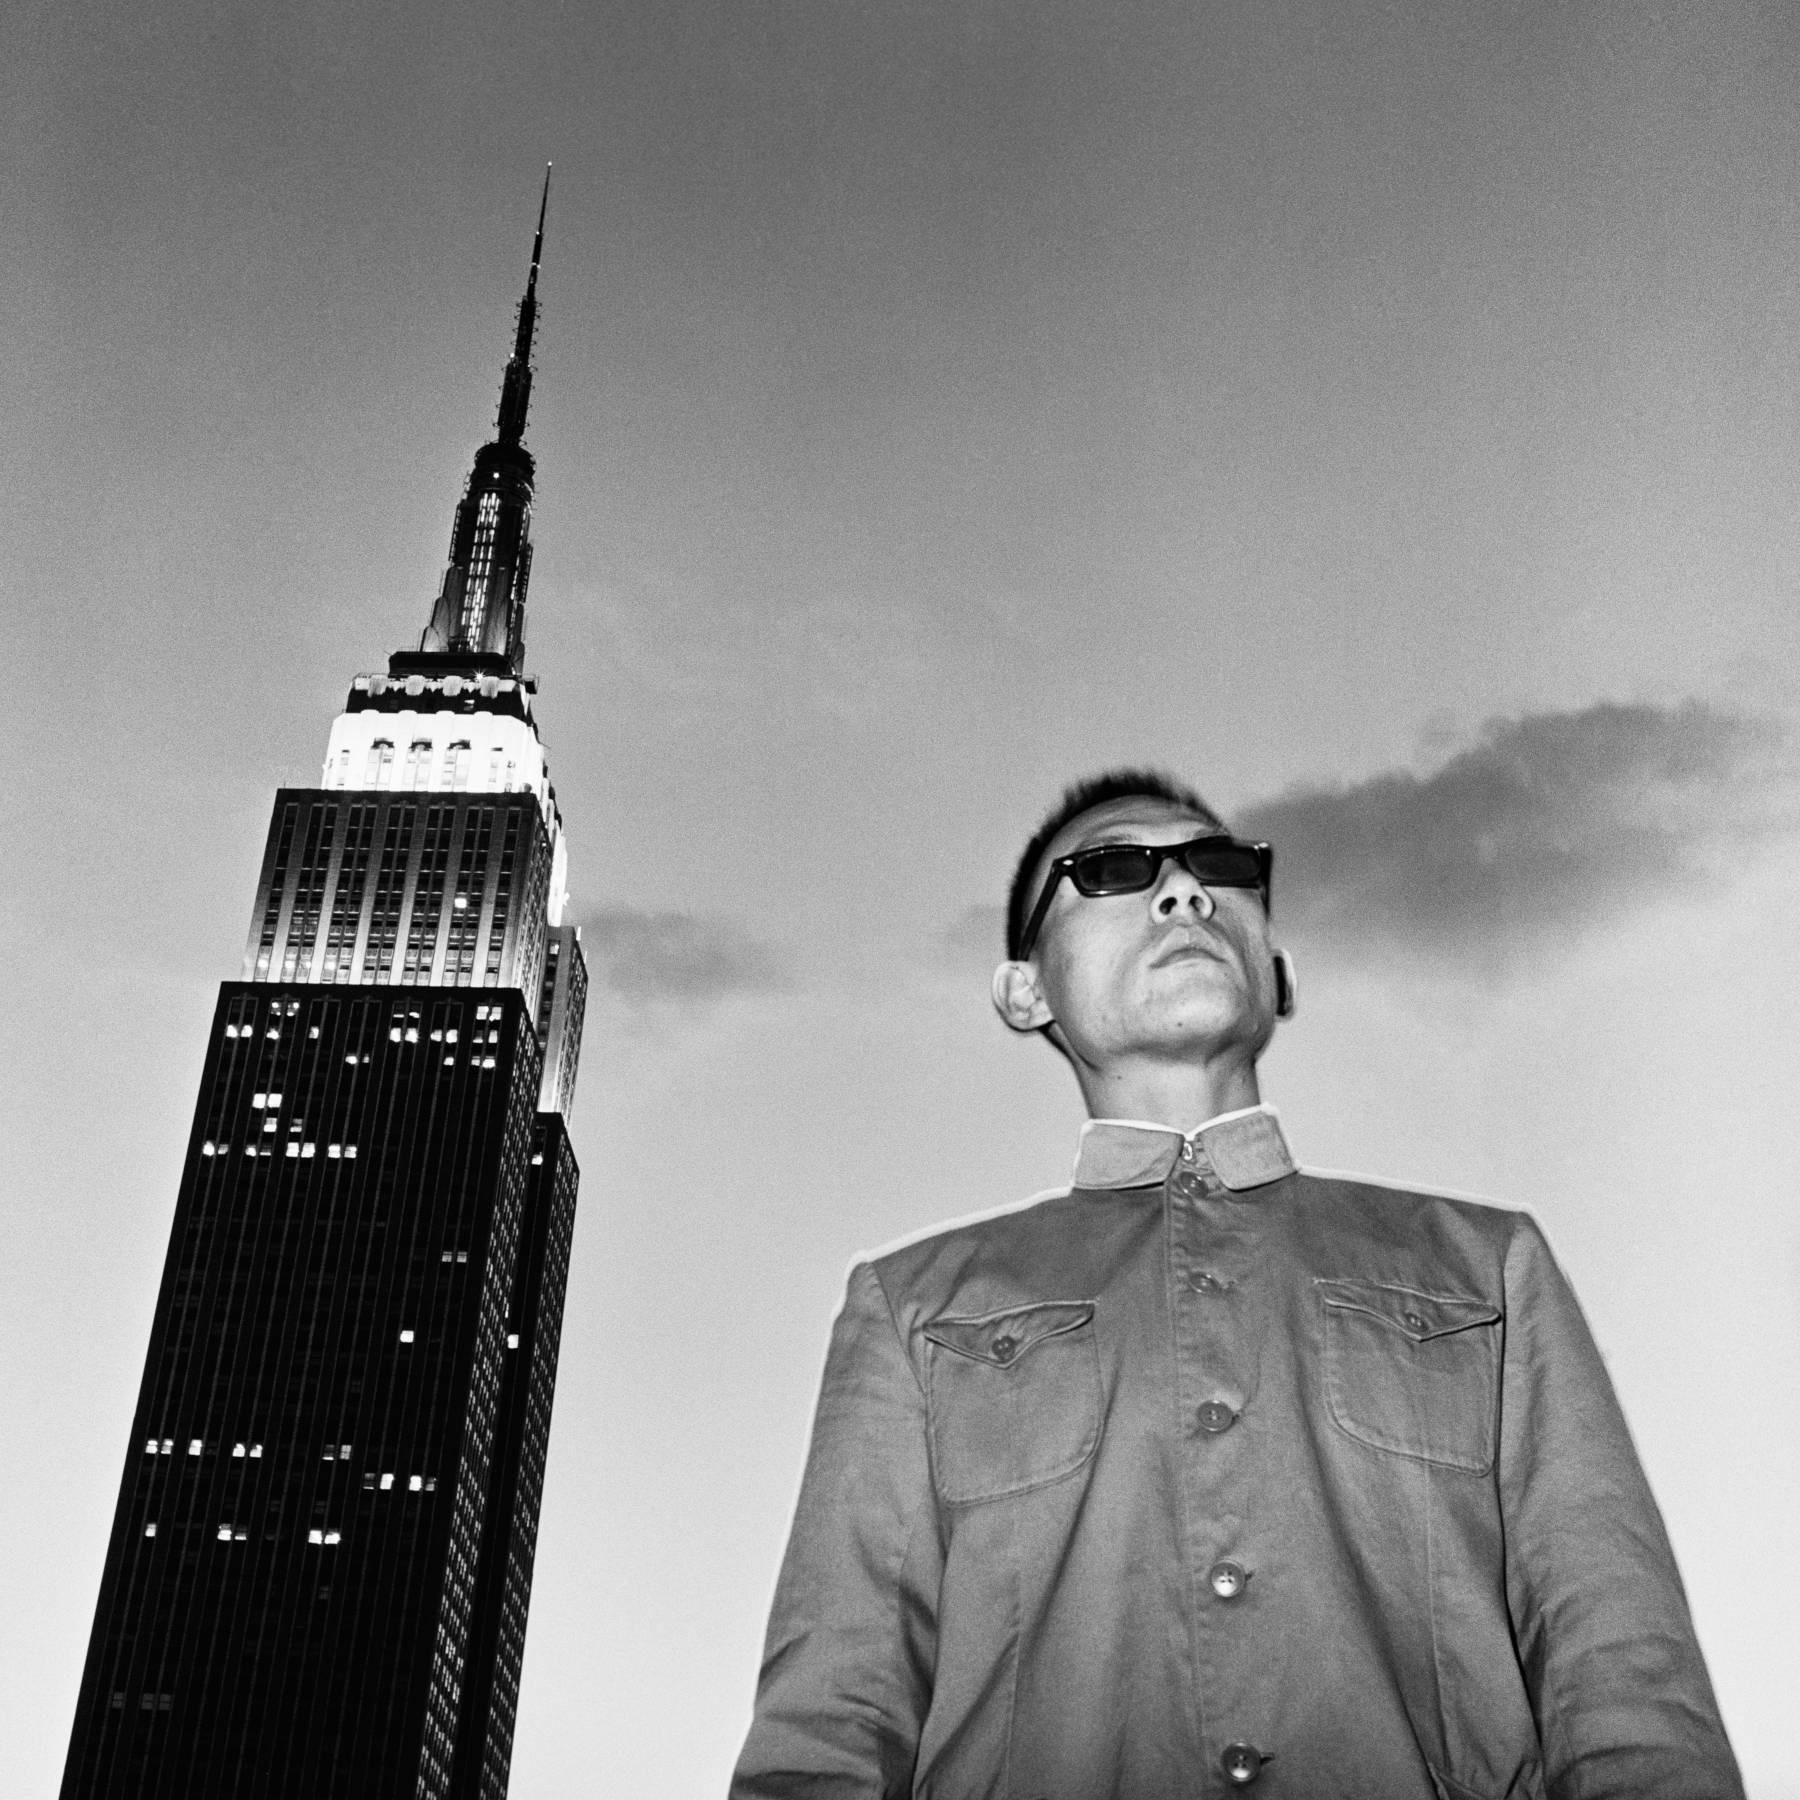 Tseng Kwong Chi New York, New York, 1979 main